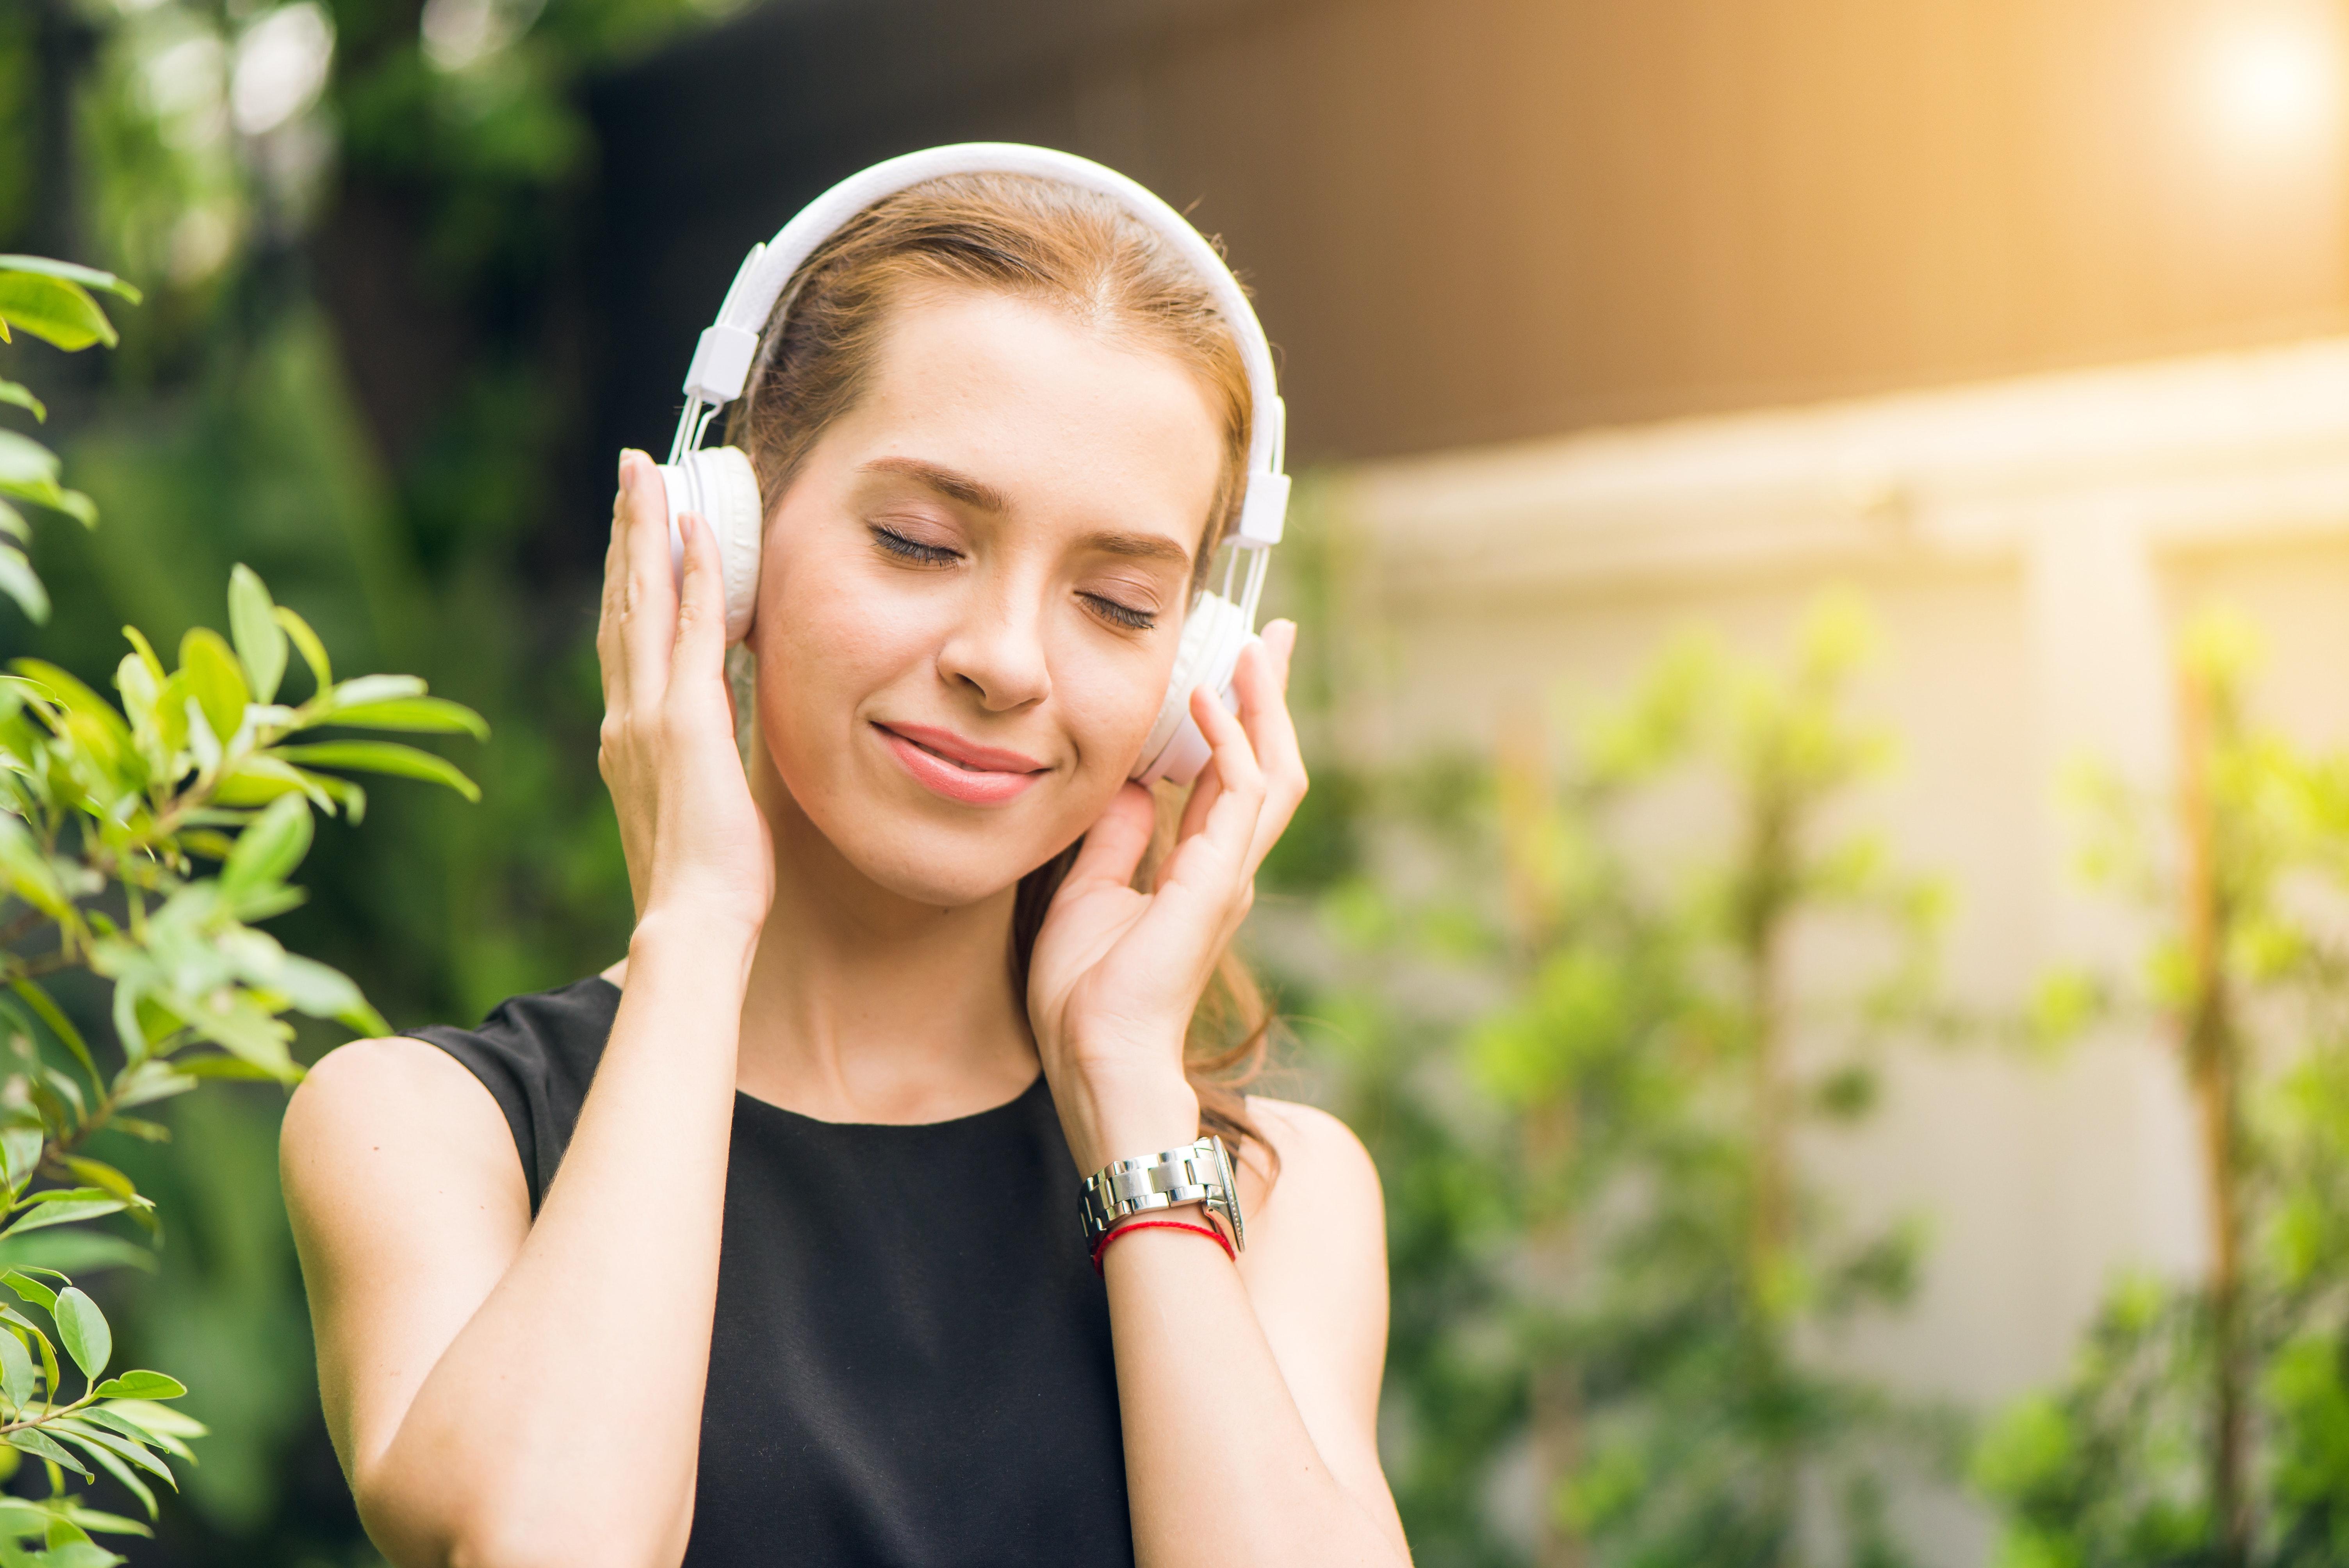 Lyt til musikken derhjemme